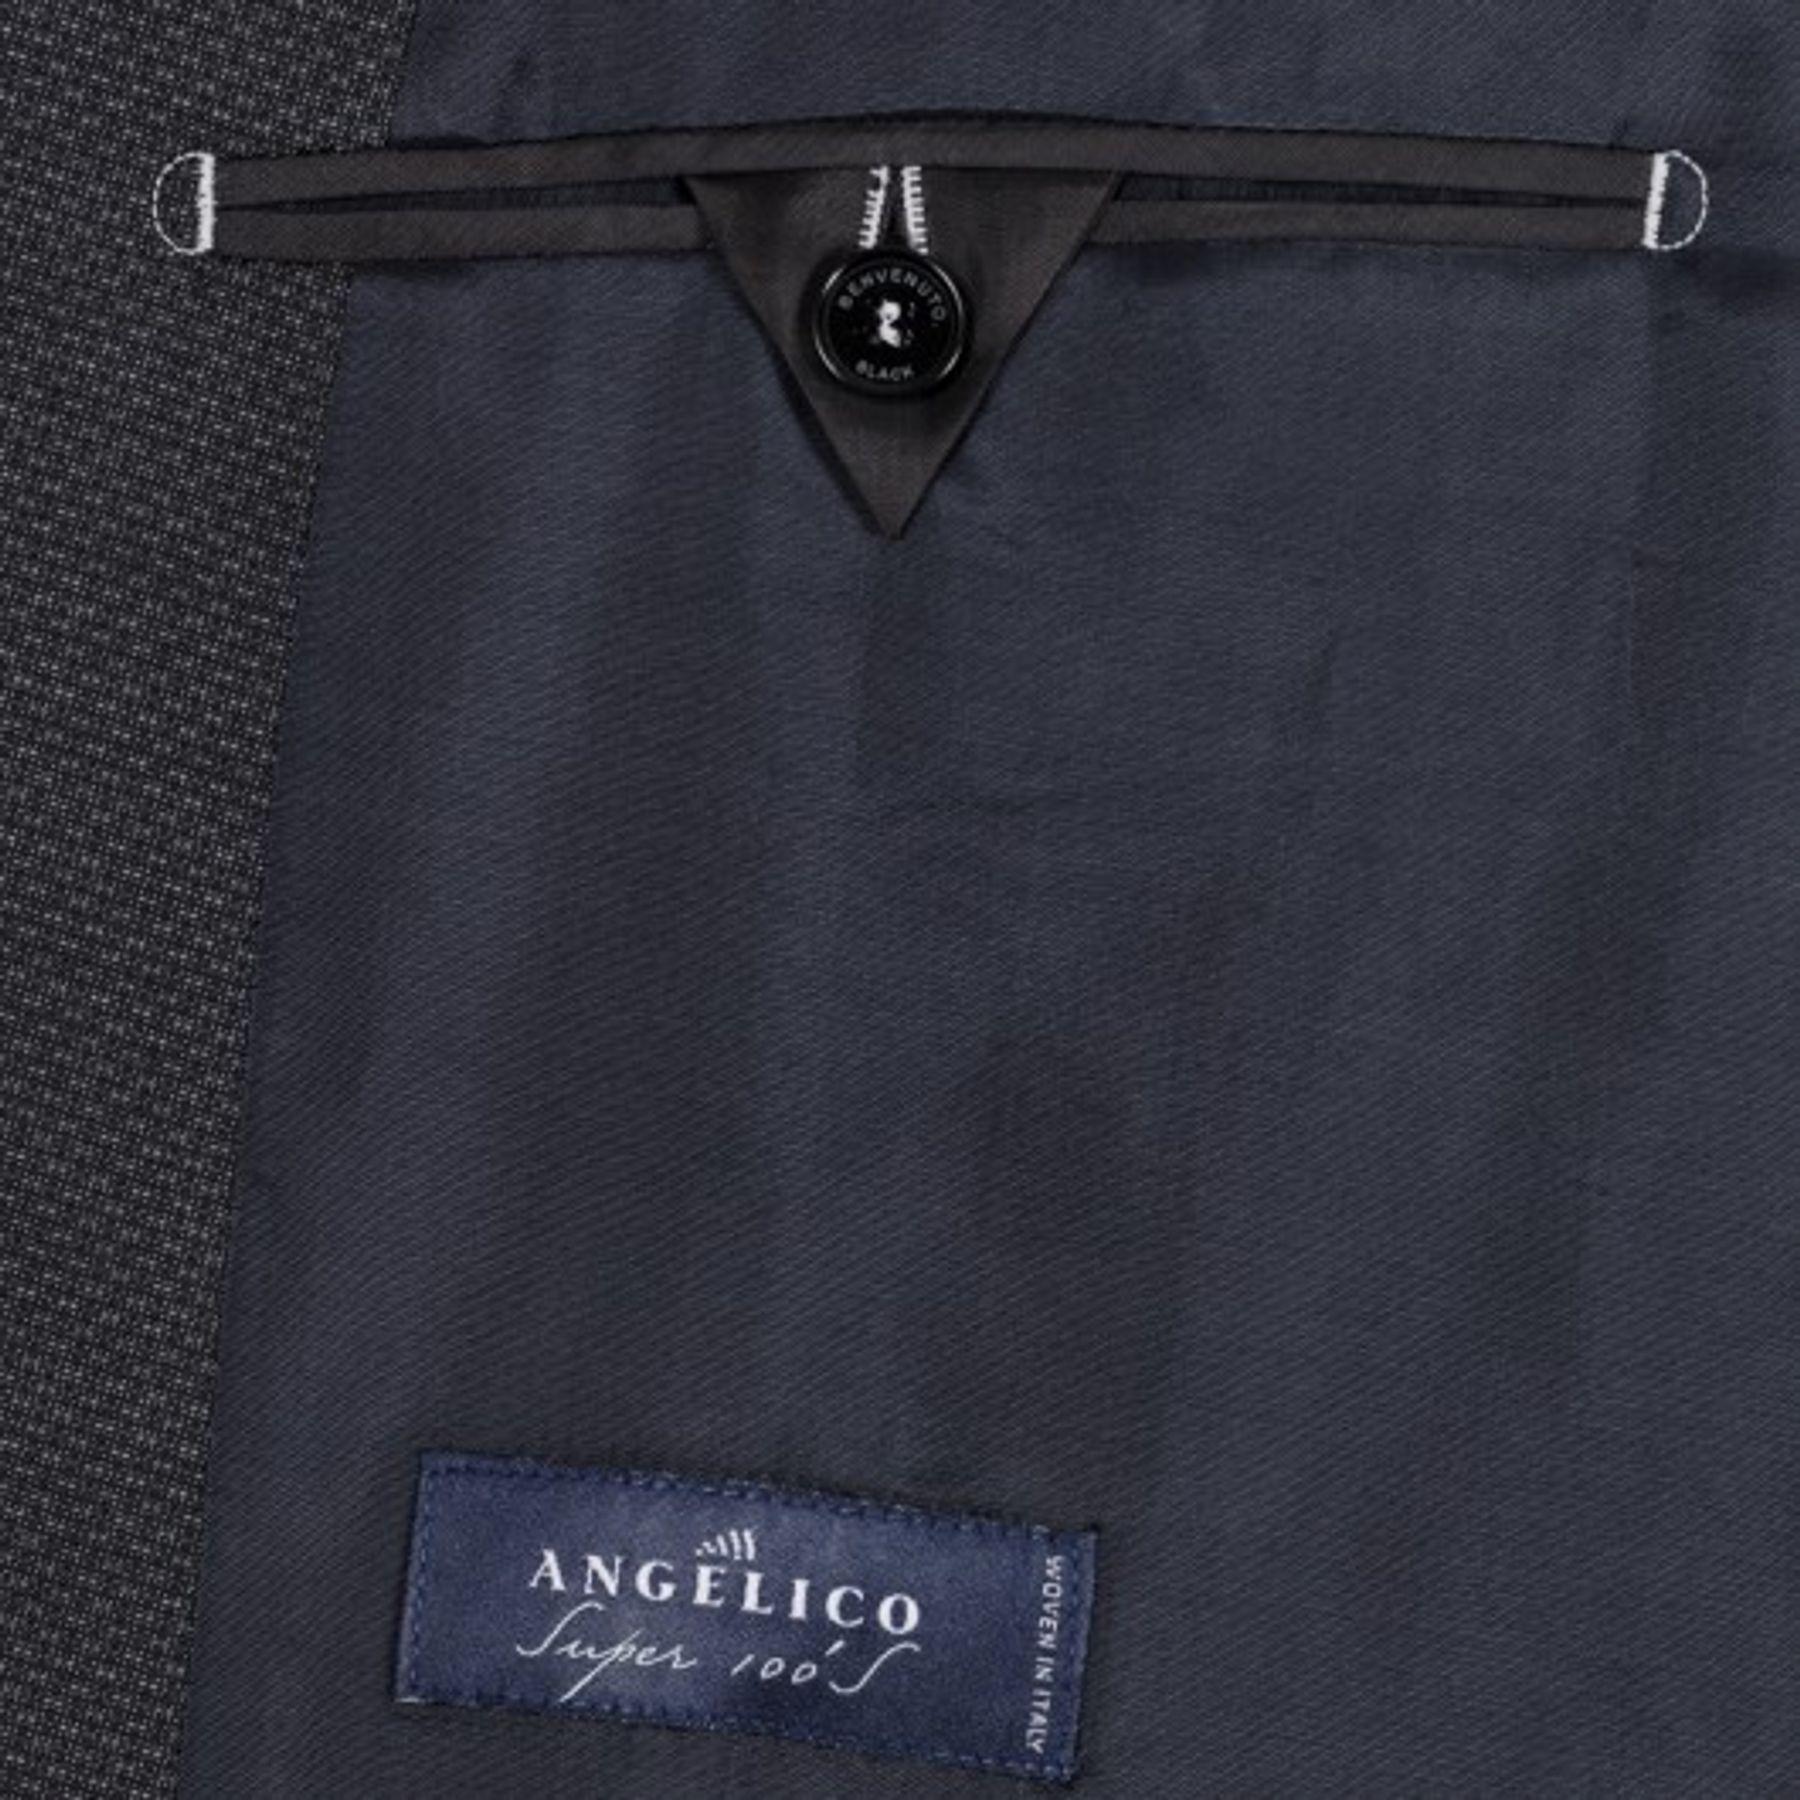 Benvenuto Black - Modern Fit - Herren Baukasten Sakko in Anthrazit aus Super 100'S Schurwolle, Romeo (20807, Modell: 62100) – Bild 4